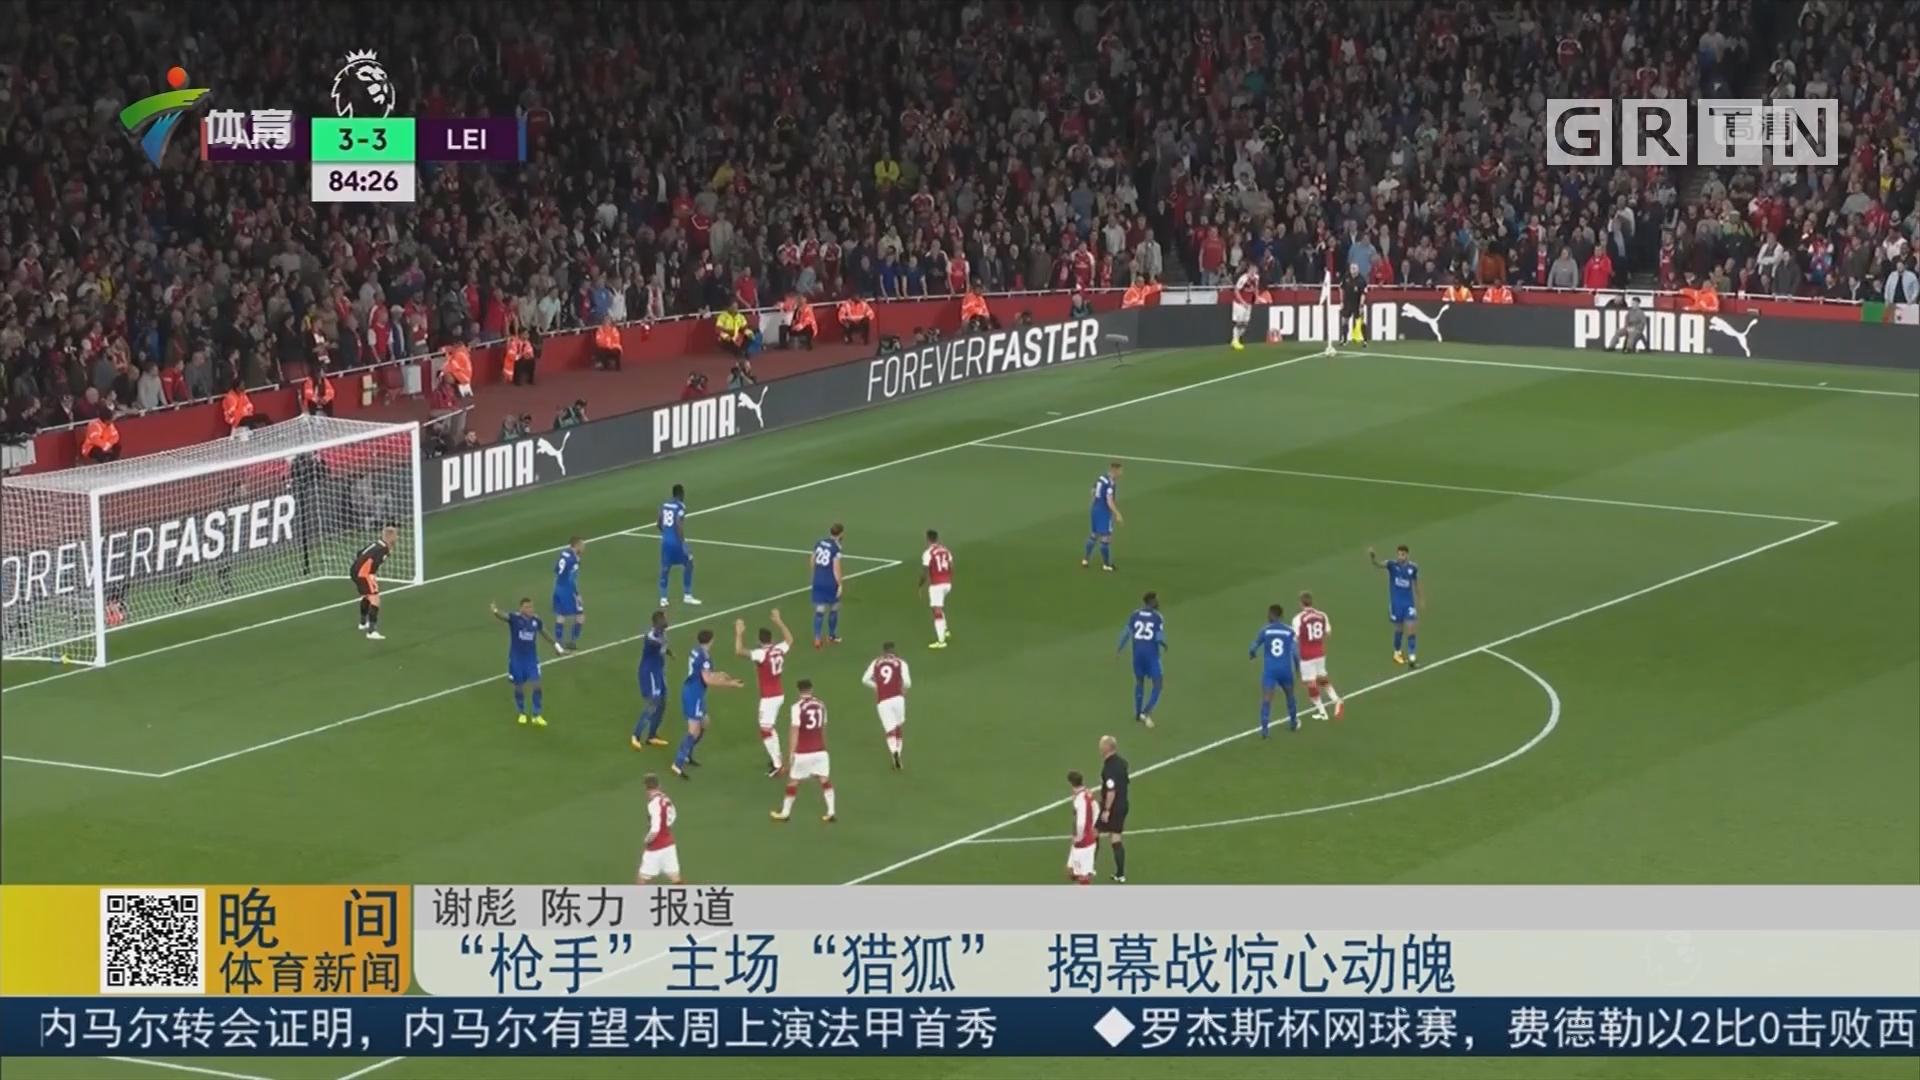 """""""枪手""""主场""""猎狐"""" 揭幕战惊心动魄"""